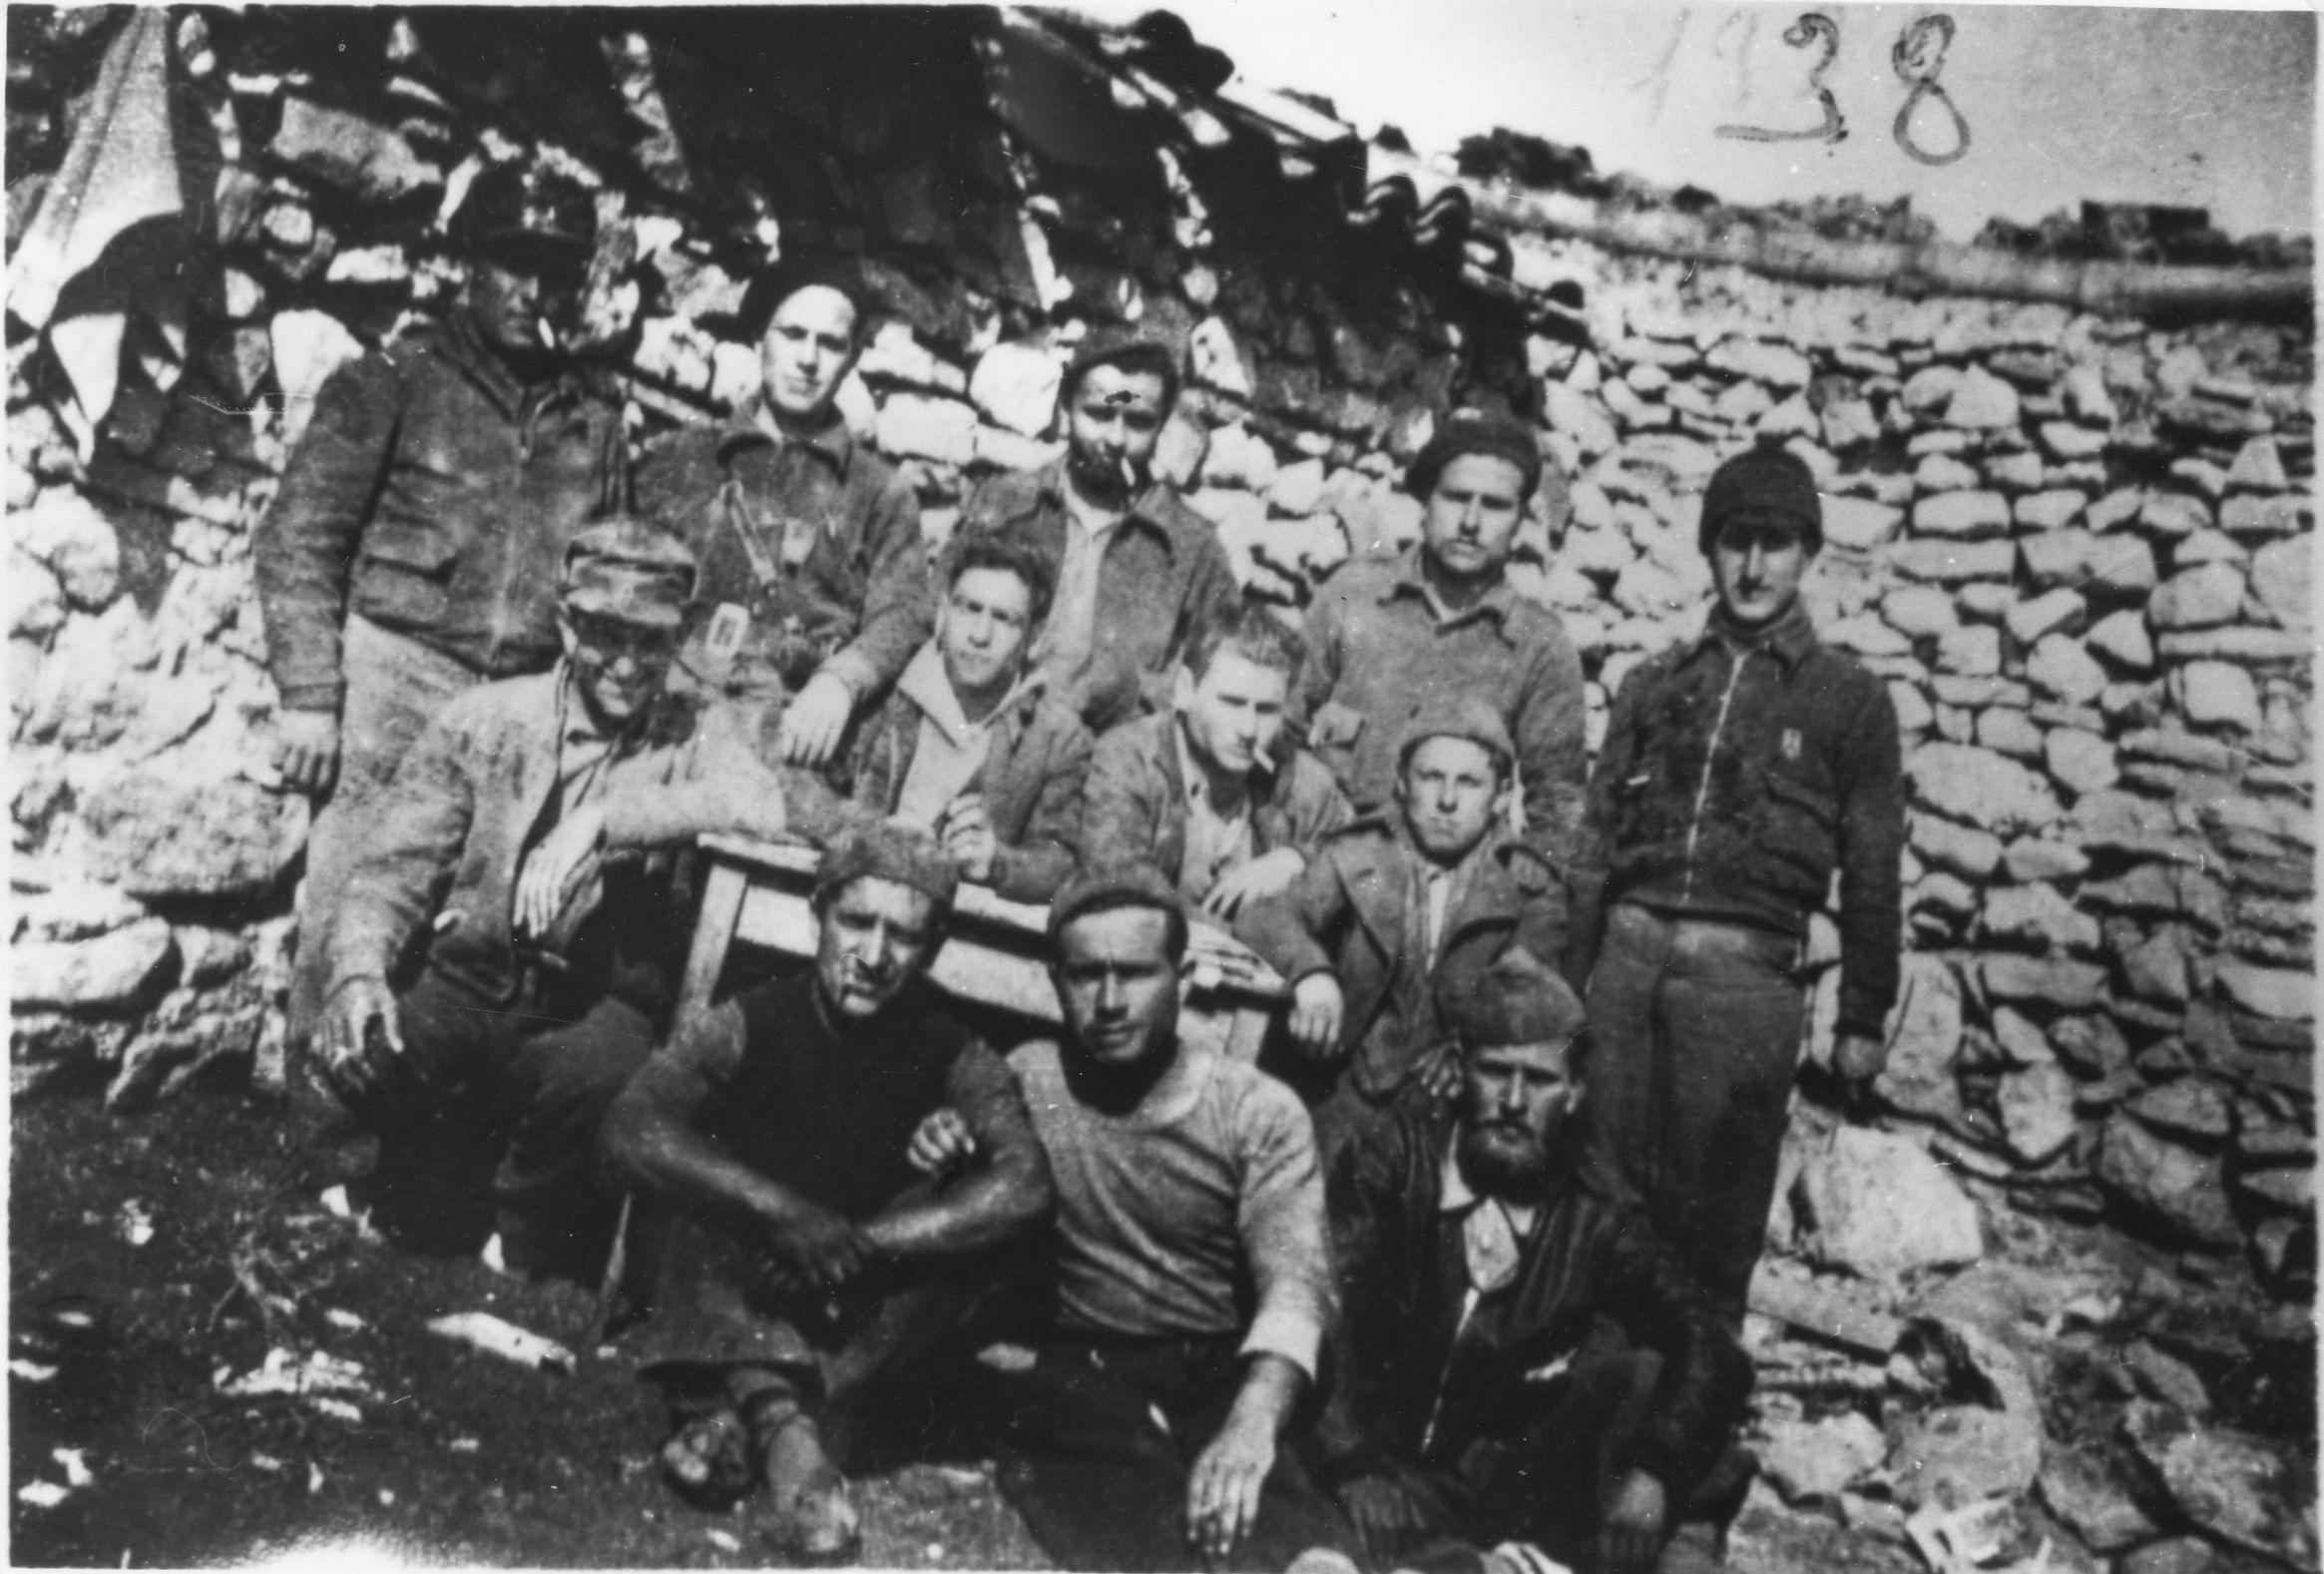 Grupo de la 153 BM, Frente de Aragón 1938 (Fuente: Arxiu Comarcal del Bages)